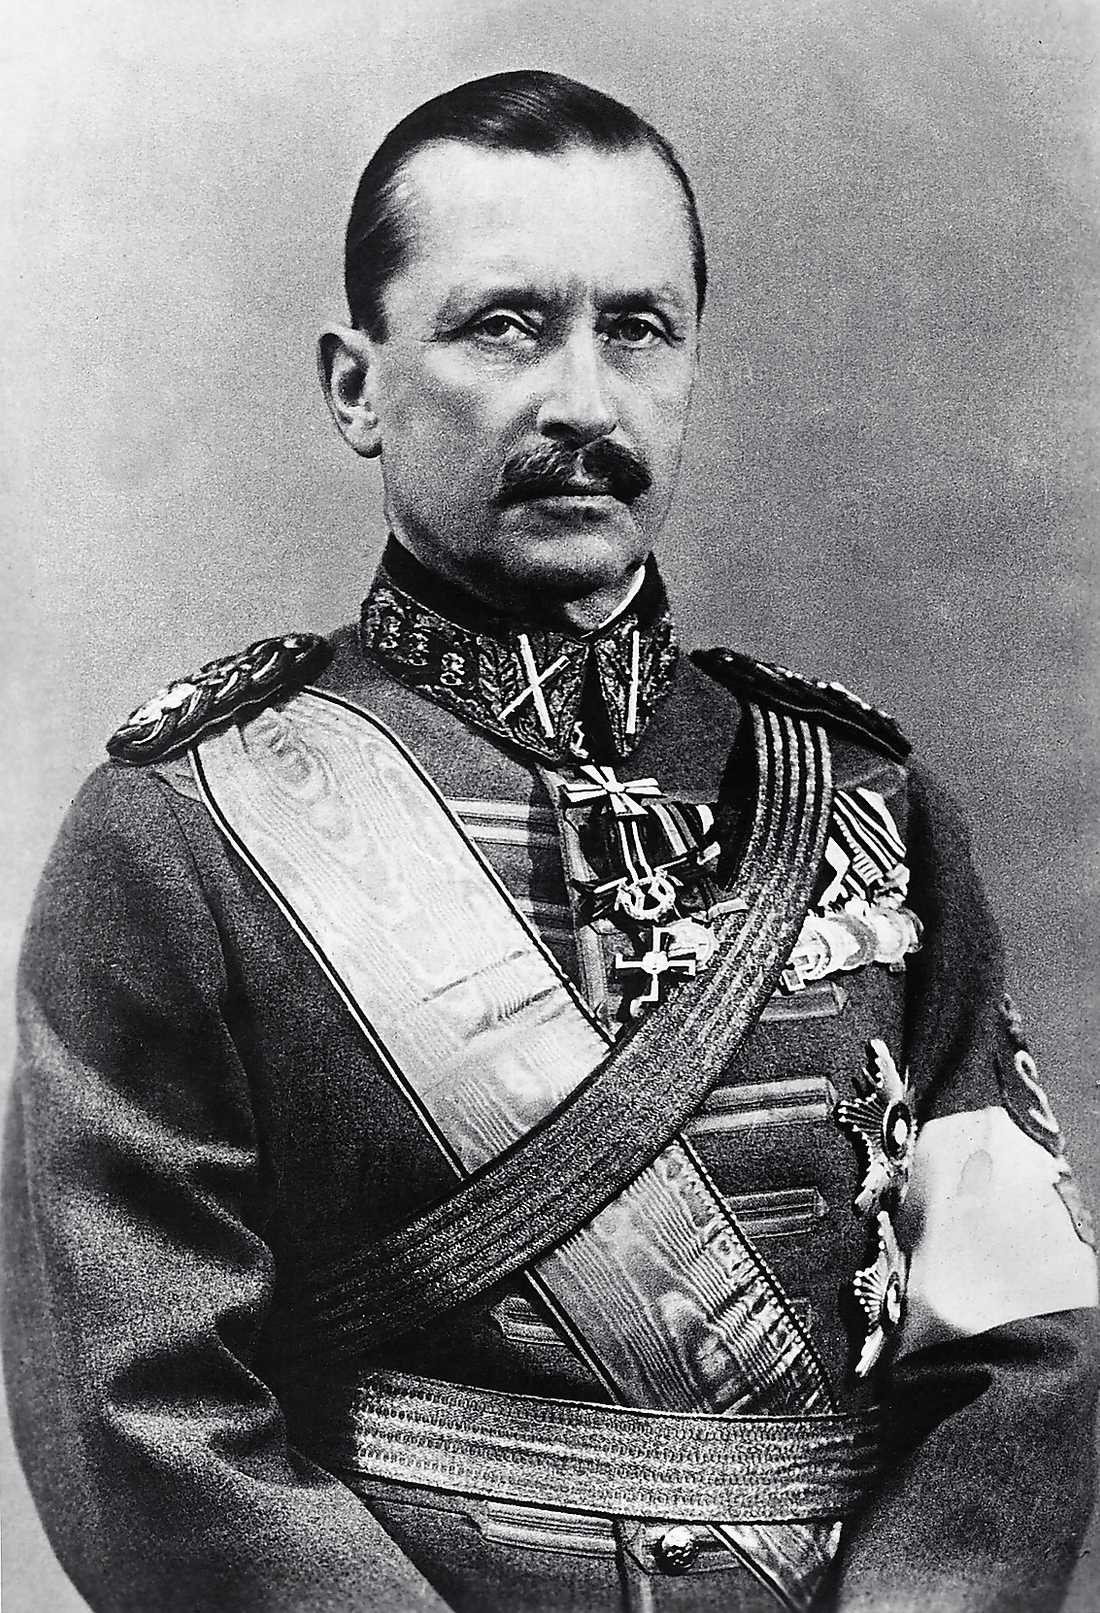 ...Carl Gustaf Emil Gustaf Mannerheim ledde de vita trupperna. Mannerheim gick senare vidare till att bli Finlands president och ledde landet i andra världskriget.